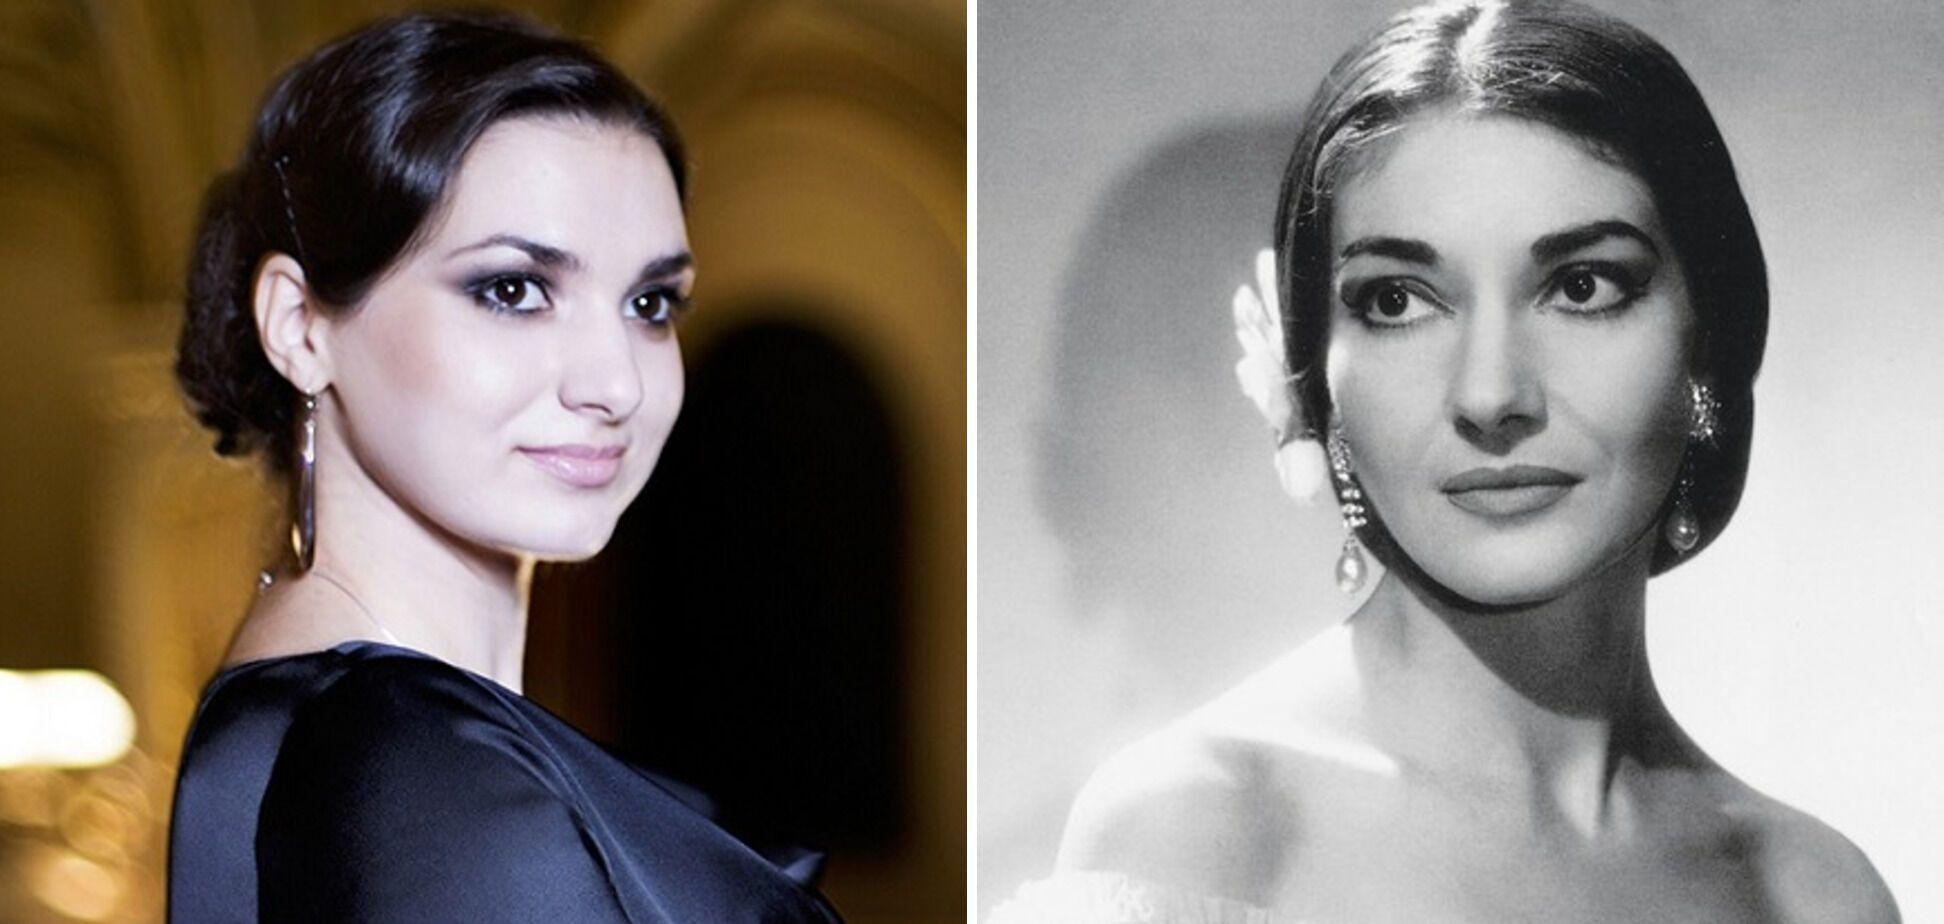 Украинка Лена Белкина и гречанка Мария Каллас: найдите 10 отличий.